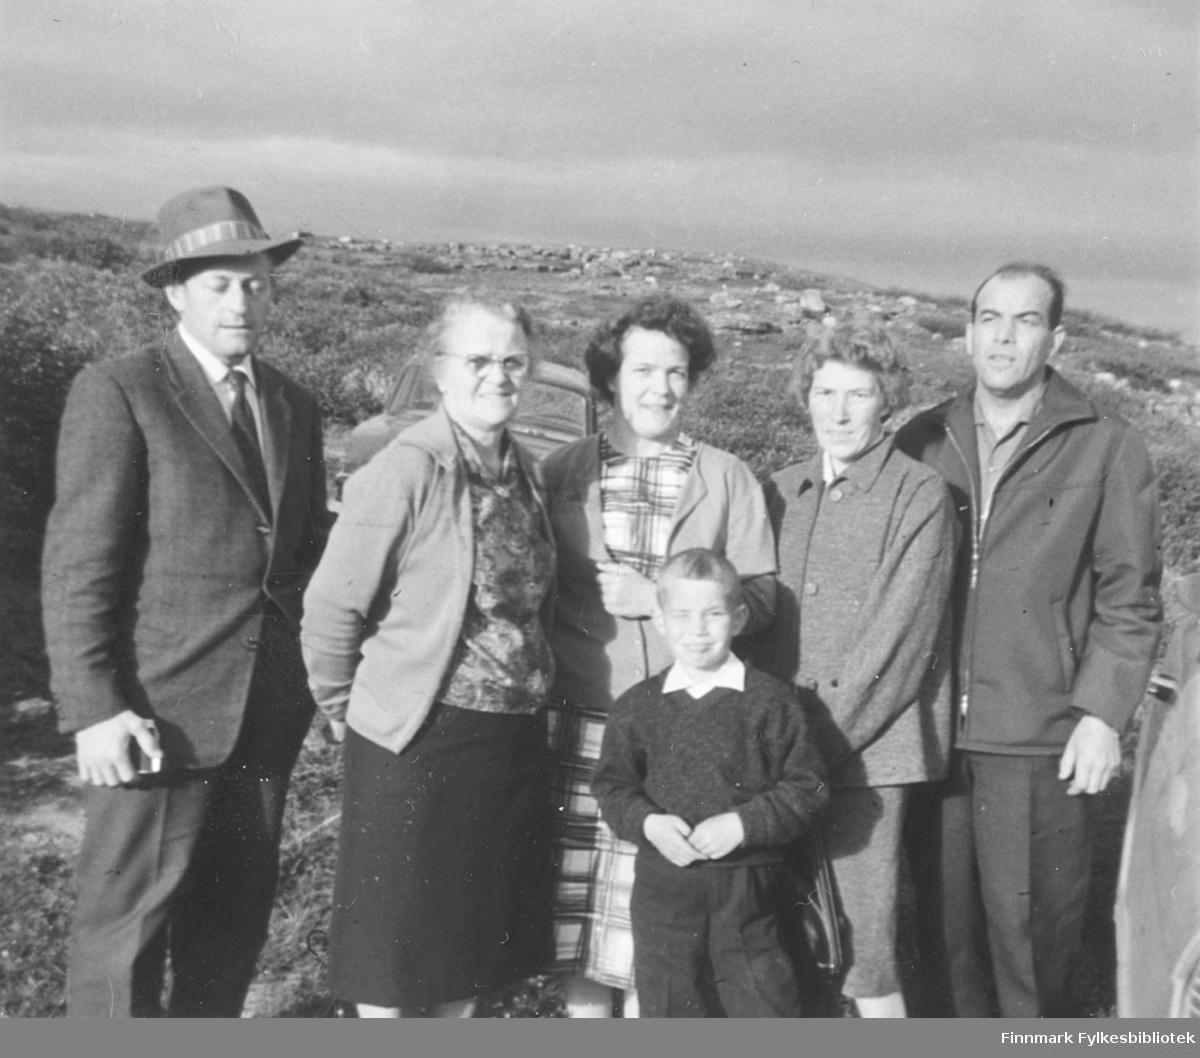 Familiebilde tatt i Fossen over Vadsø ca. 1962. Fra venstre: Fritz Ebeltoft, Svanhild Kvam, Ragnhild Ebeltoft, Liv og Erling Kvam. Gutten foran: Harald Kvam